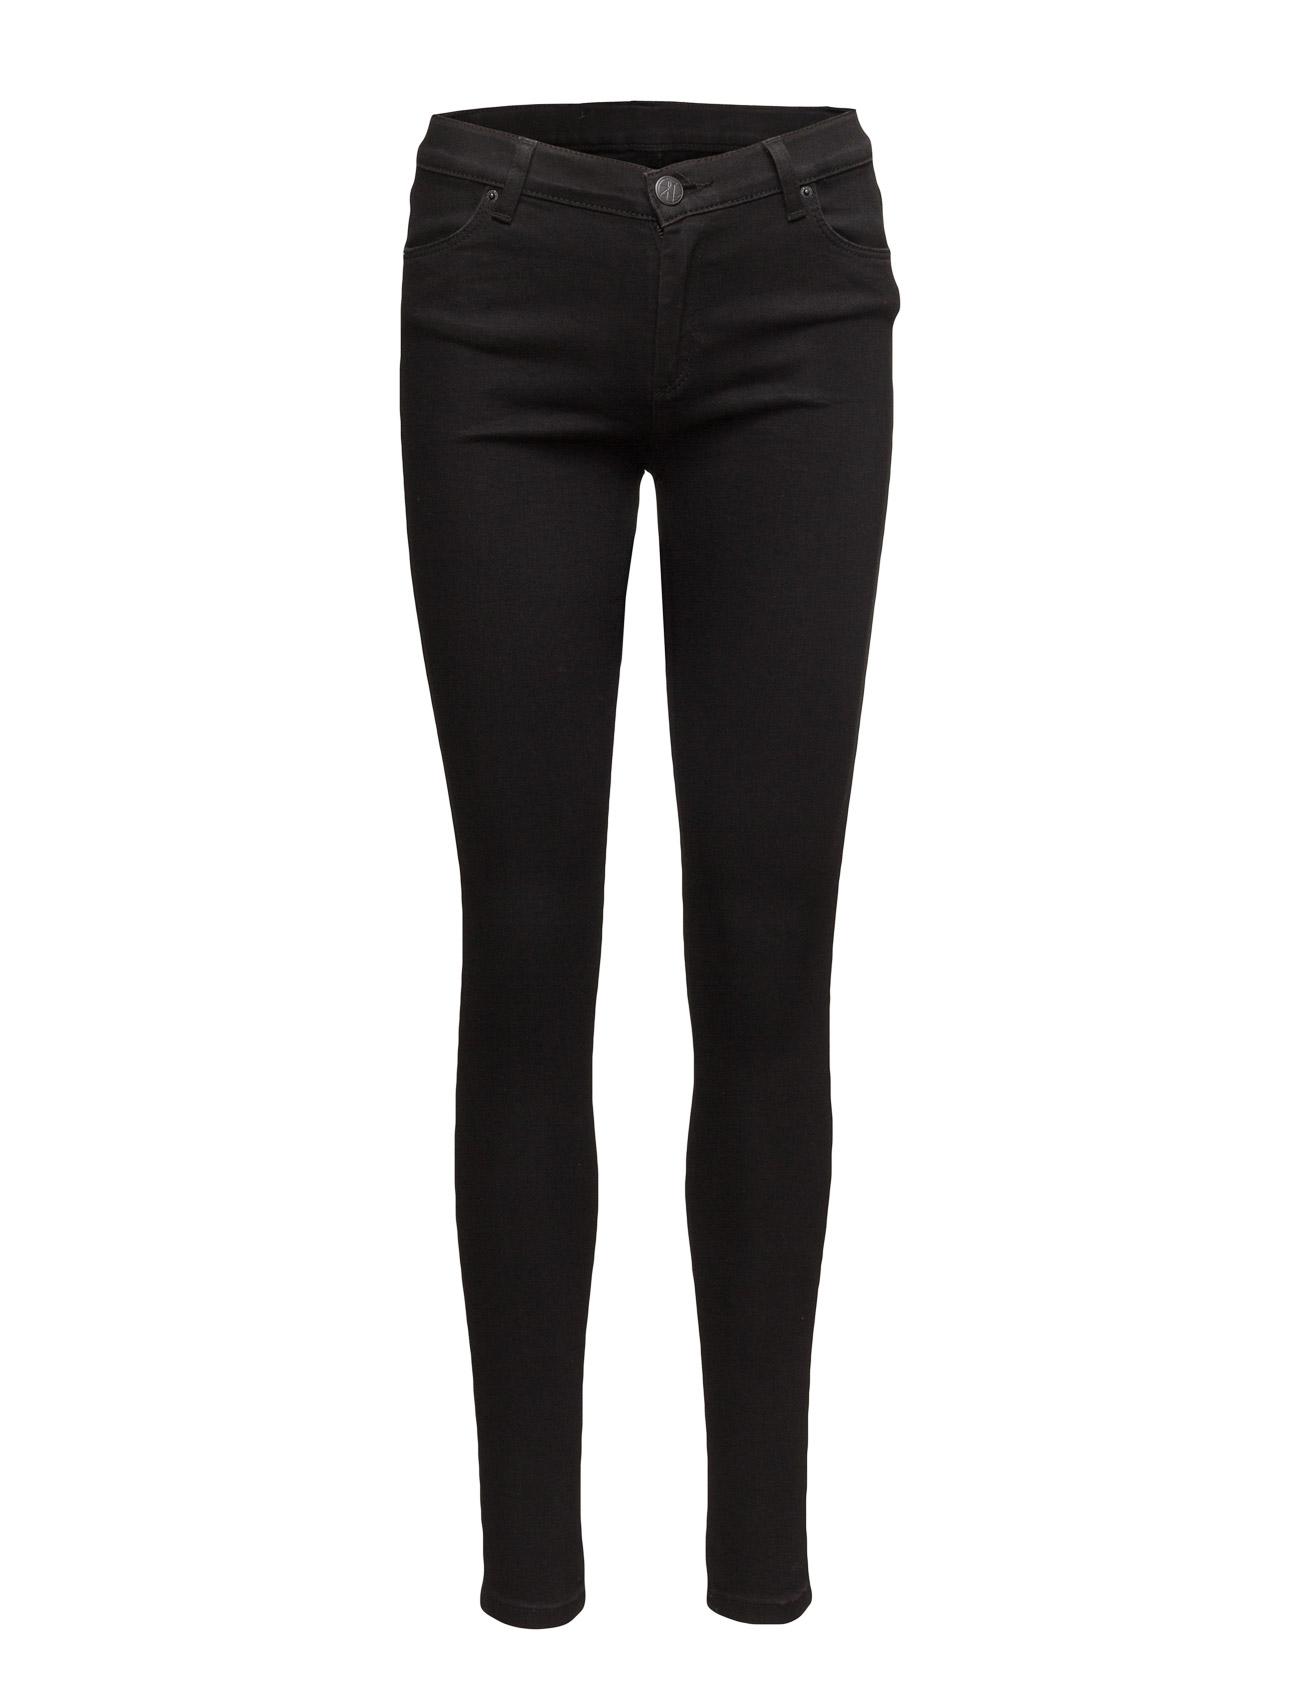 Nicole 002 satin black, jeans fra 2nd one fra boozt.com dk